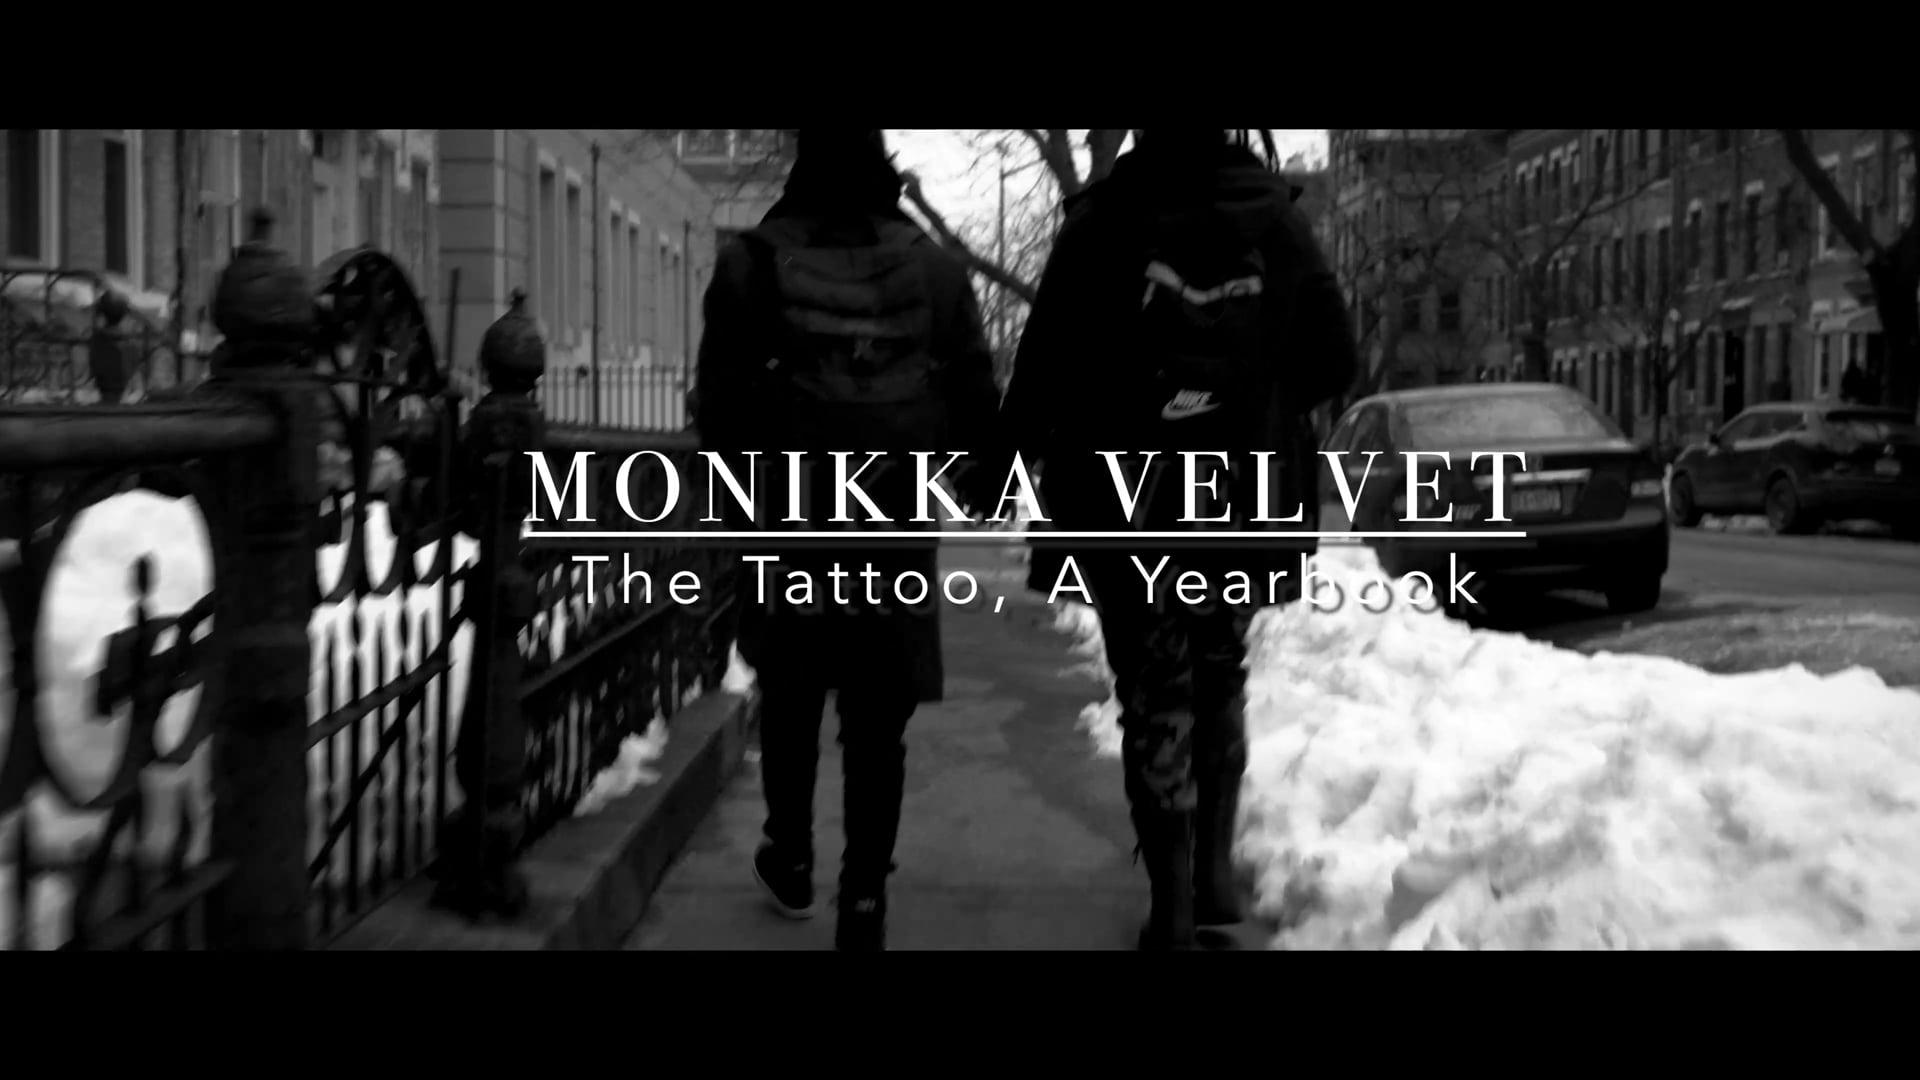 Monikka Velvet: The Tattoo, A Yearbook